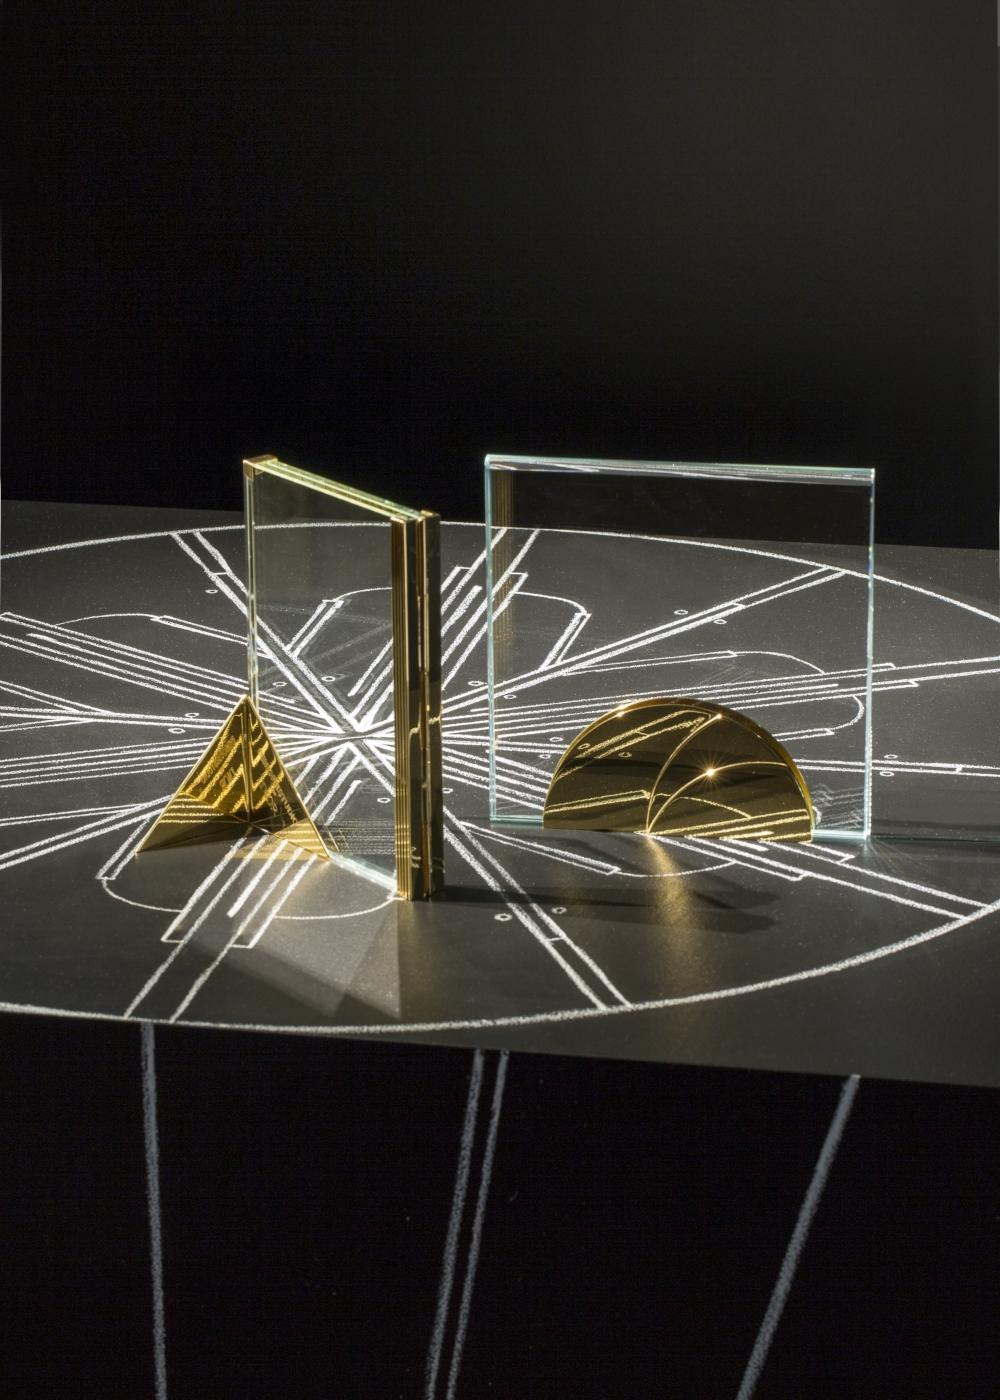 金屬、線條、光影完美結合!DIOR MAISON X DIMORE STUDIO 14件家飾作品,將在米蘭登場啦